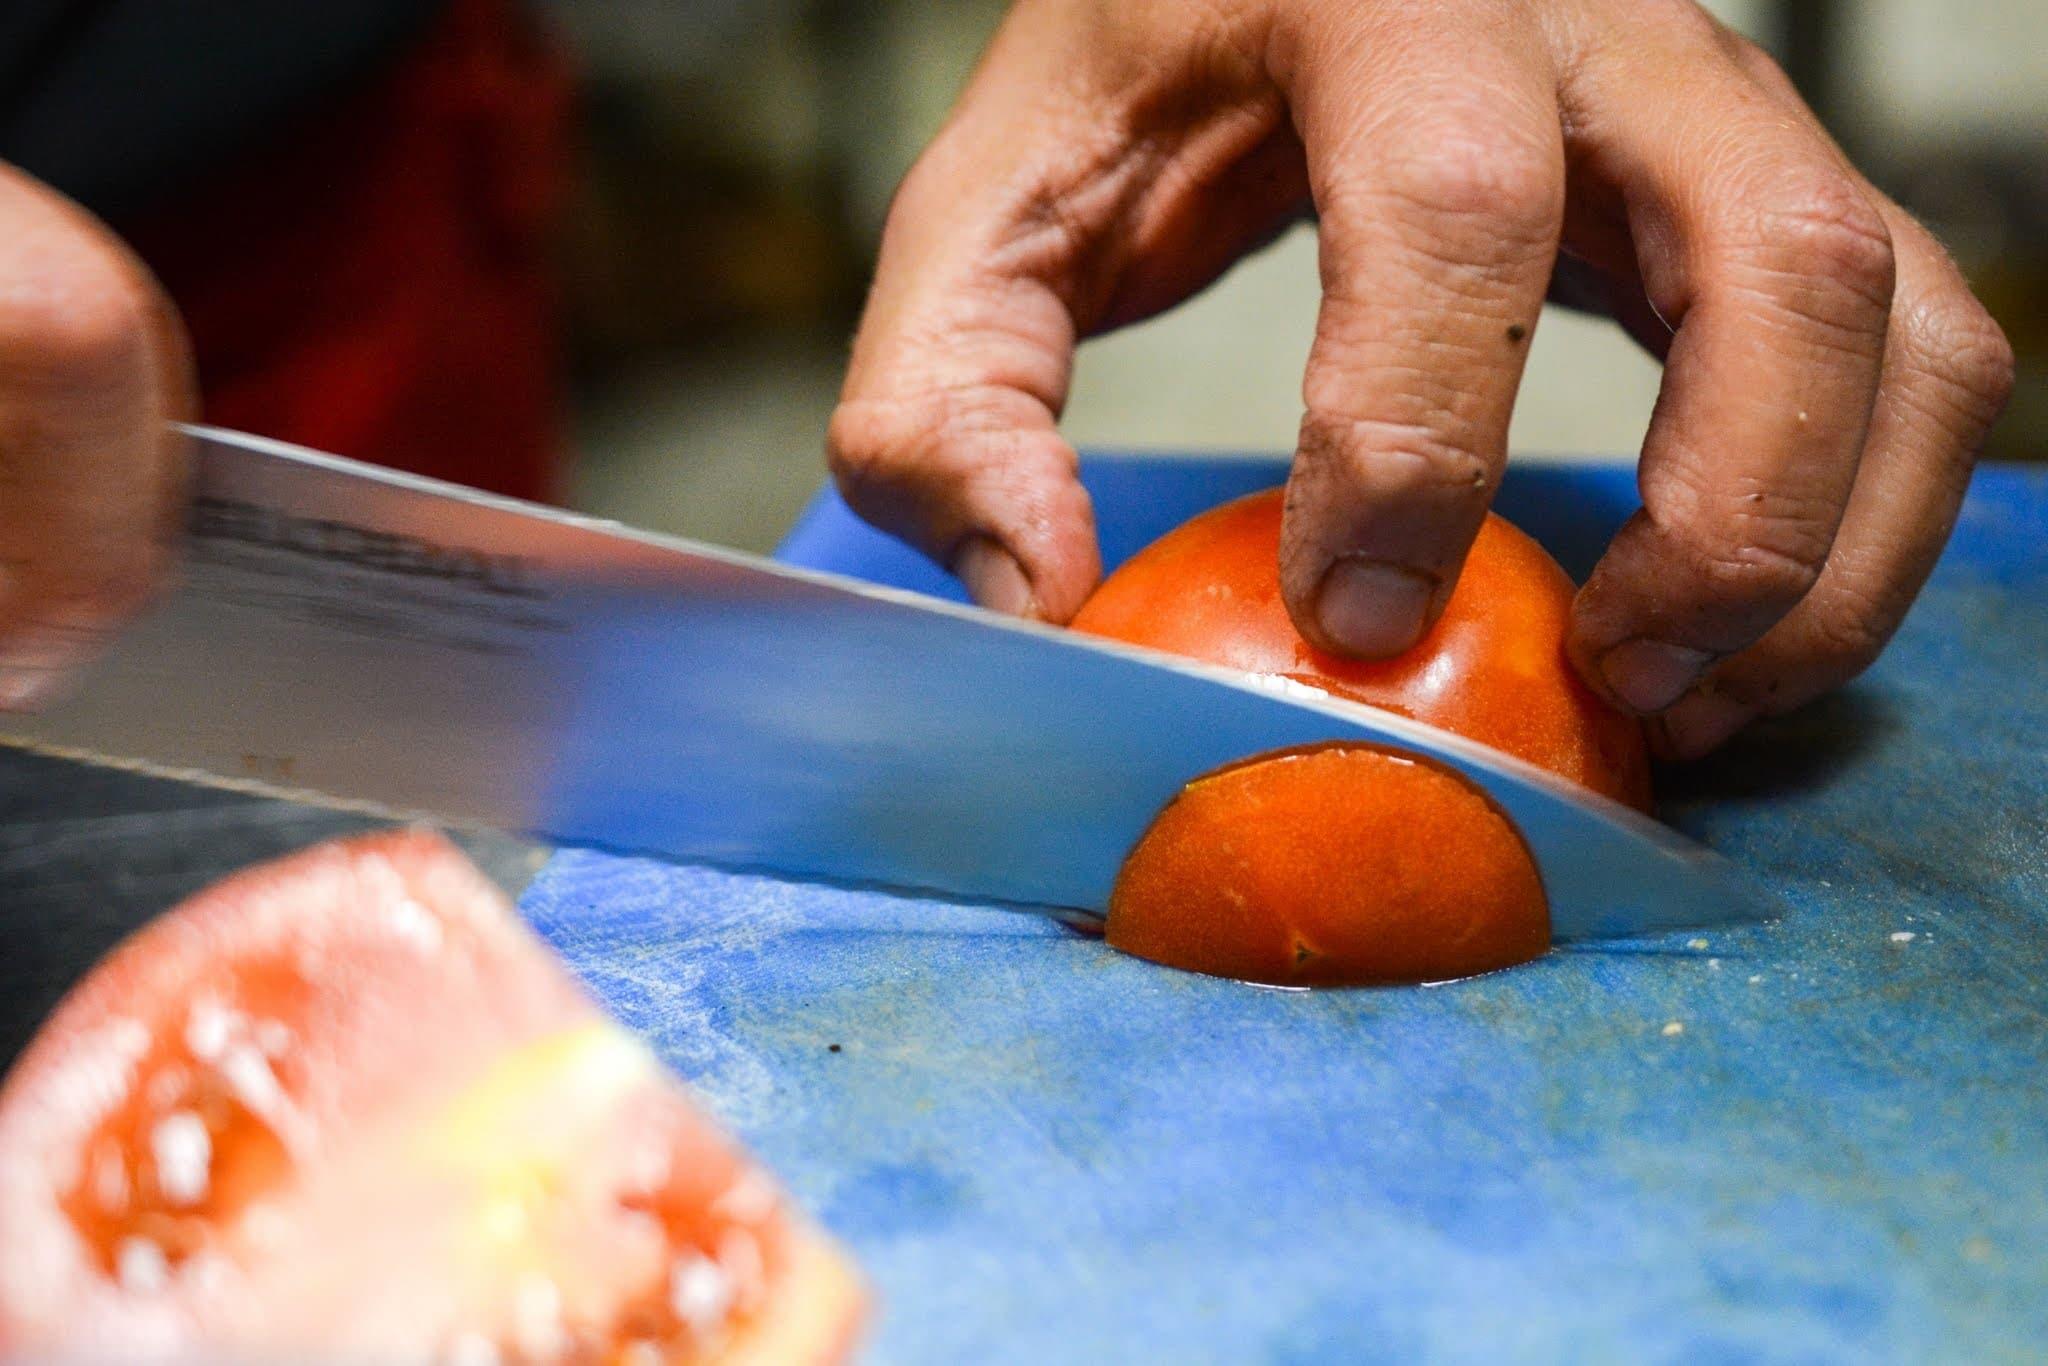 cutting tomato, cutting tool